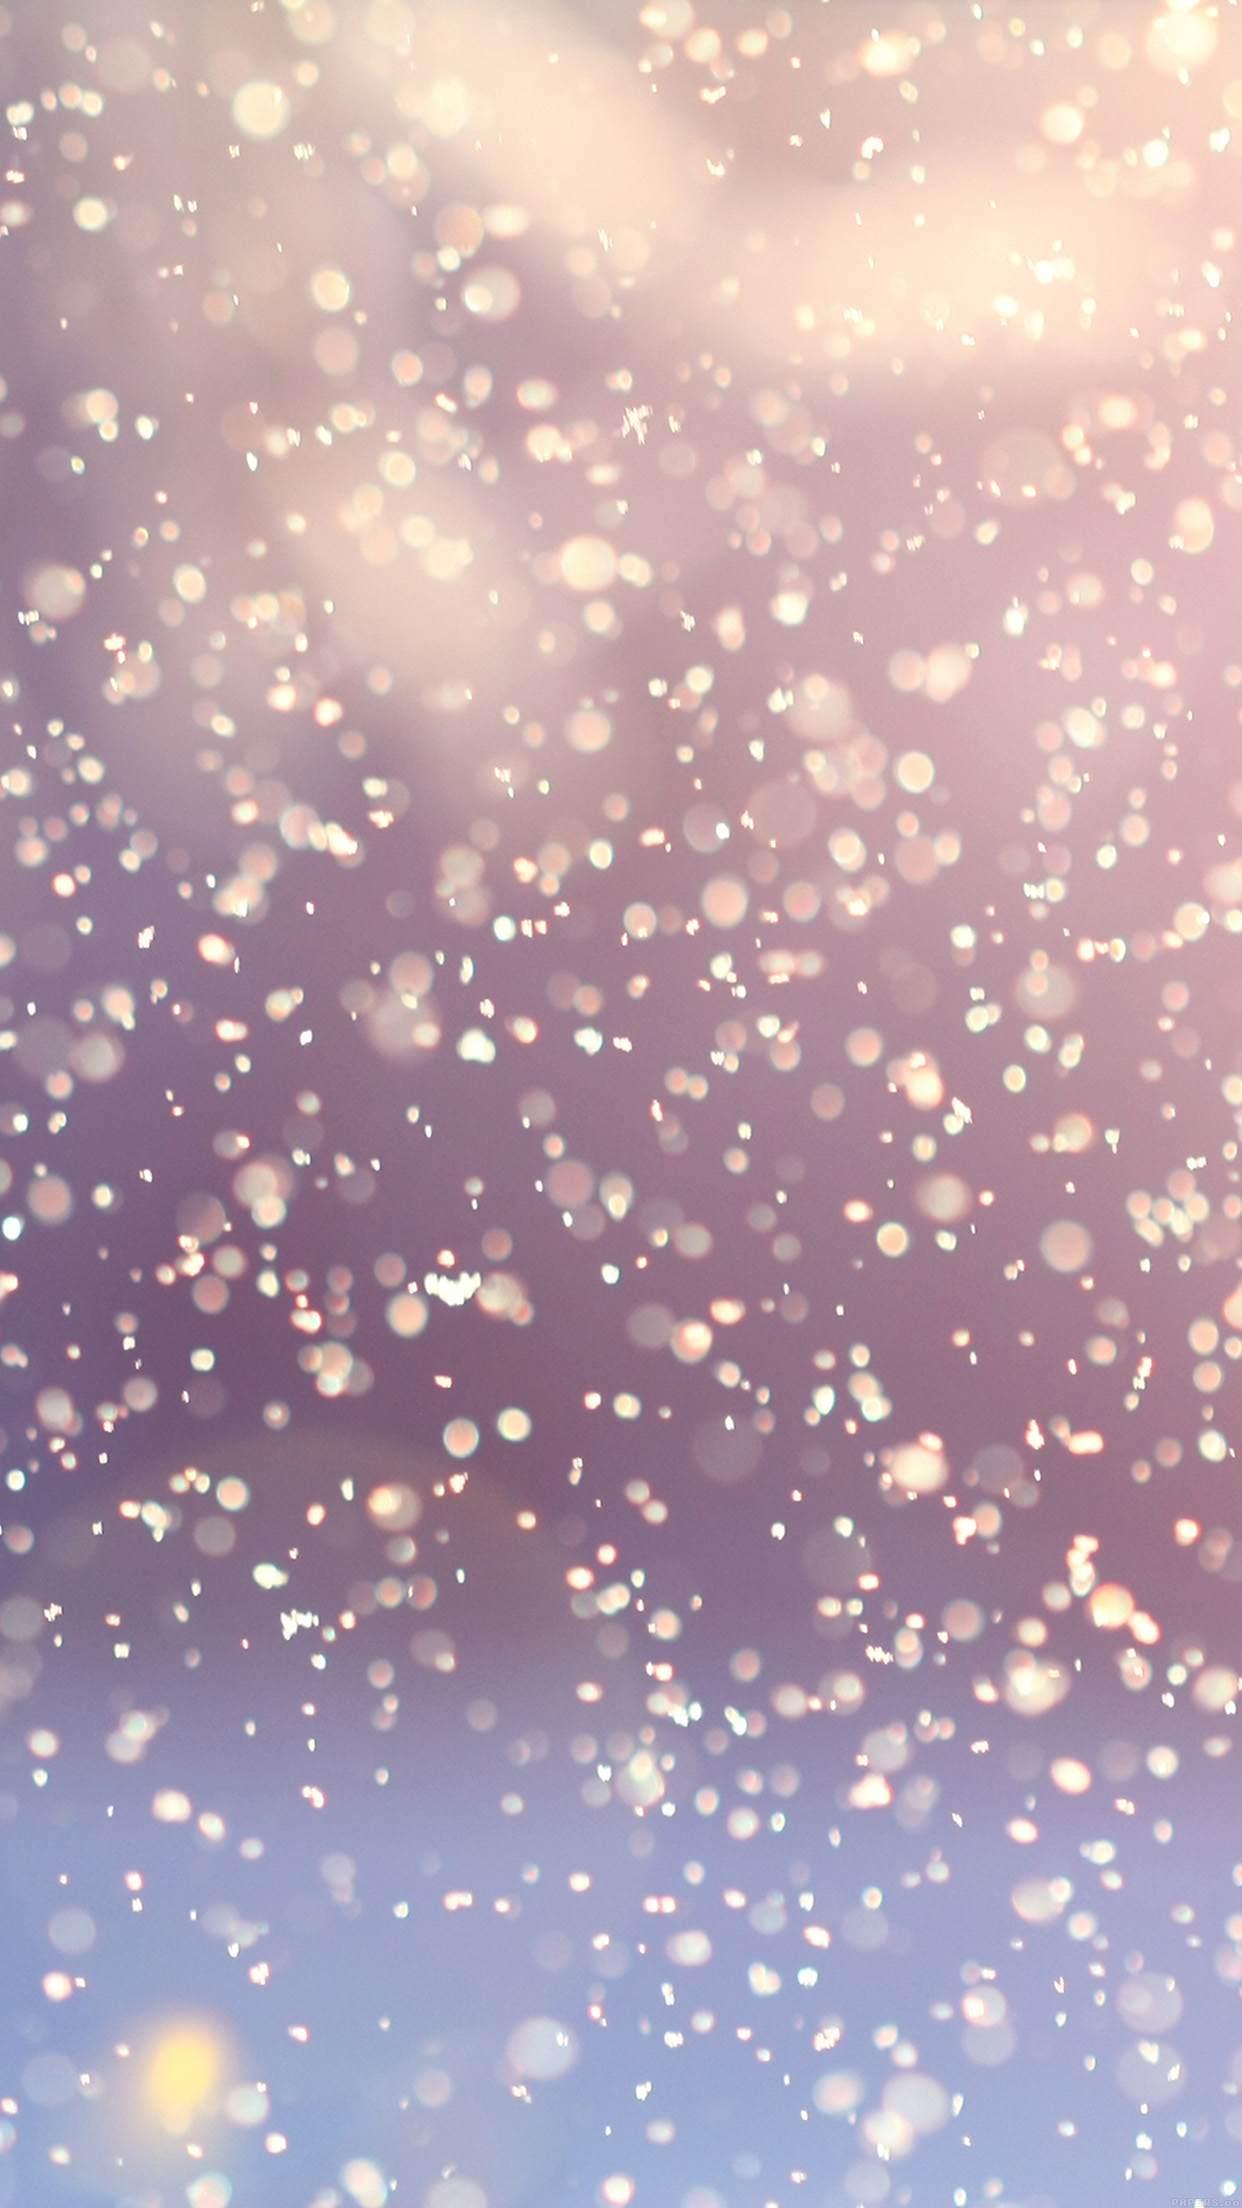 Flocons de neige fond d 39 cran android hd for Fond ecran pour android